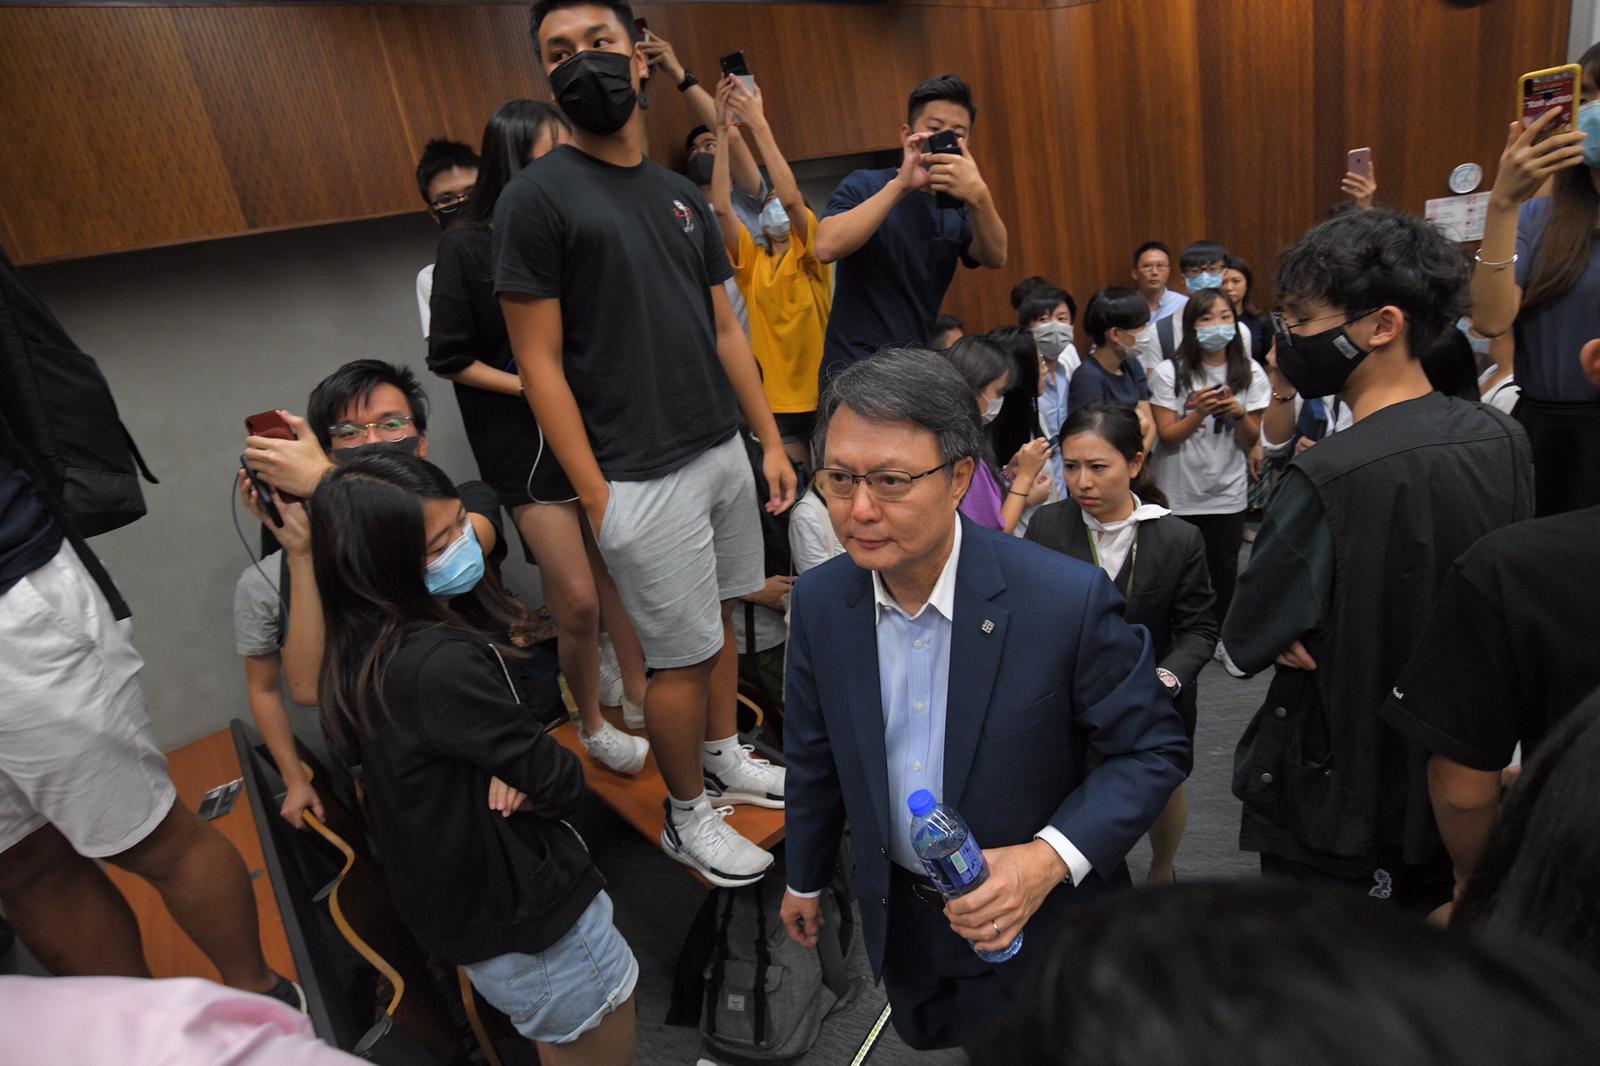 理大專業學院院長梁德榮到場,與學生對話